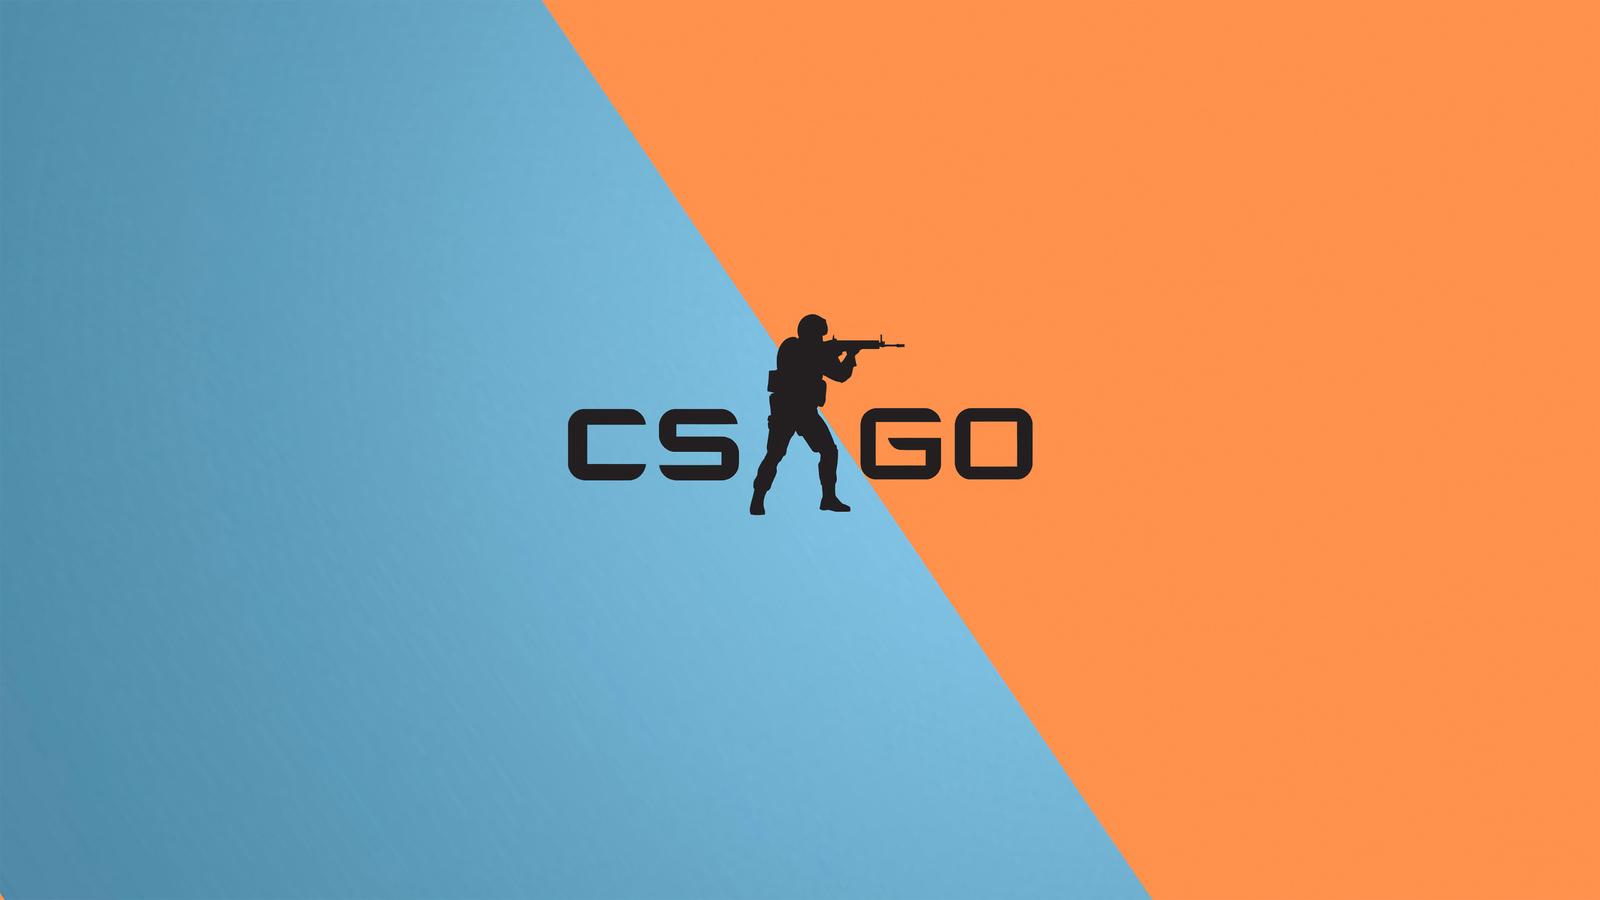 csgo-minimal-5k-vq.jpg